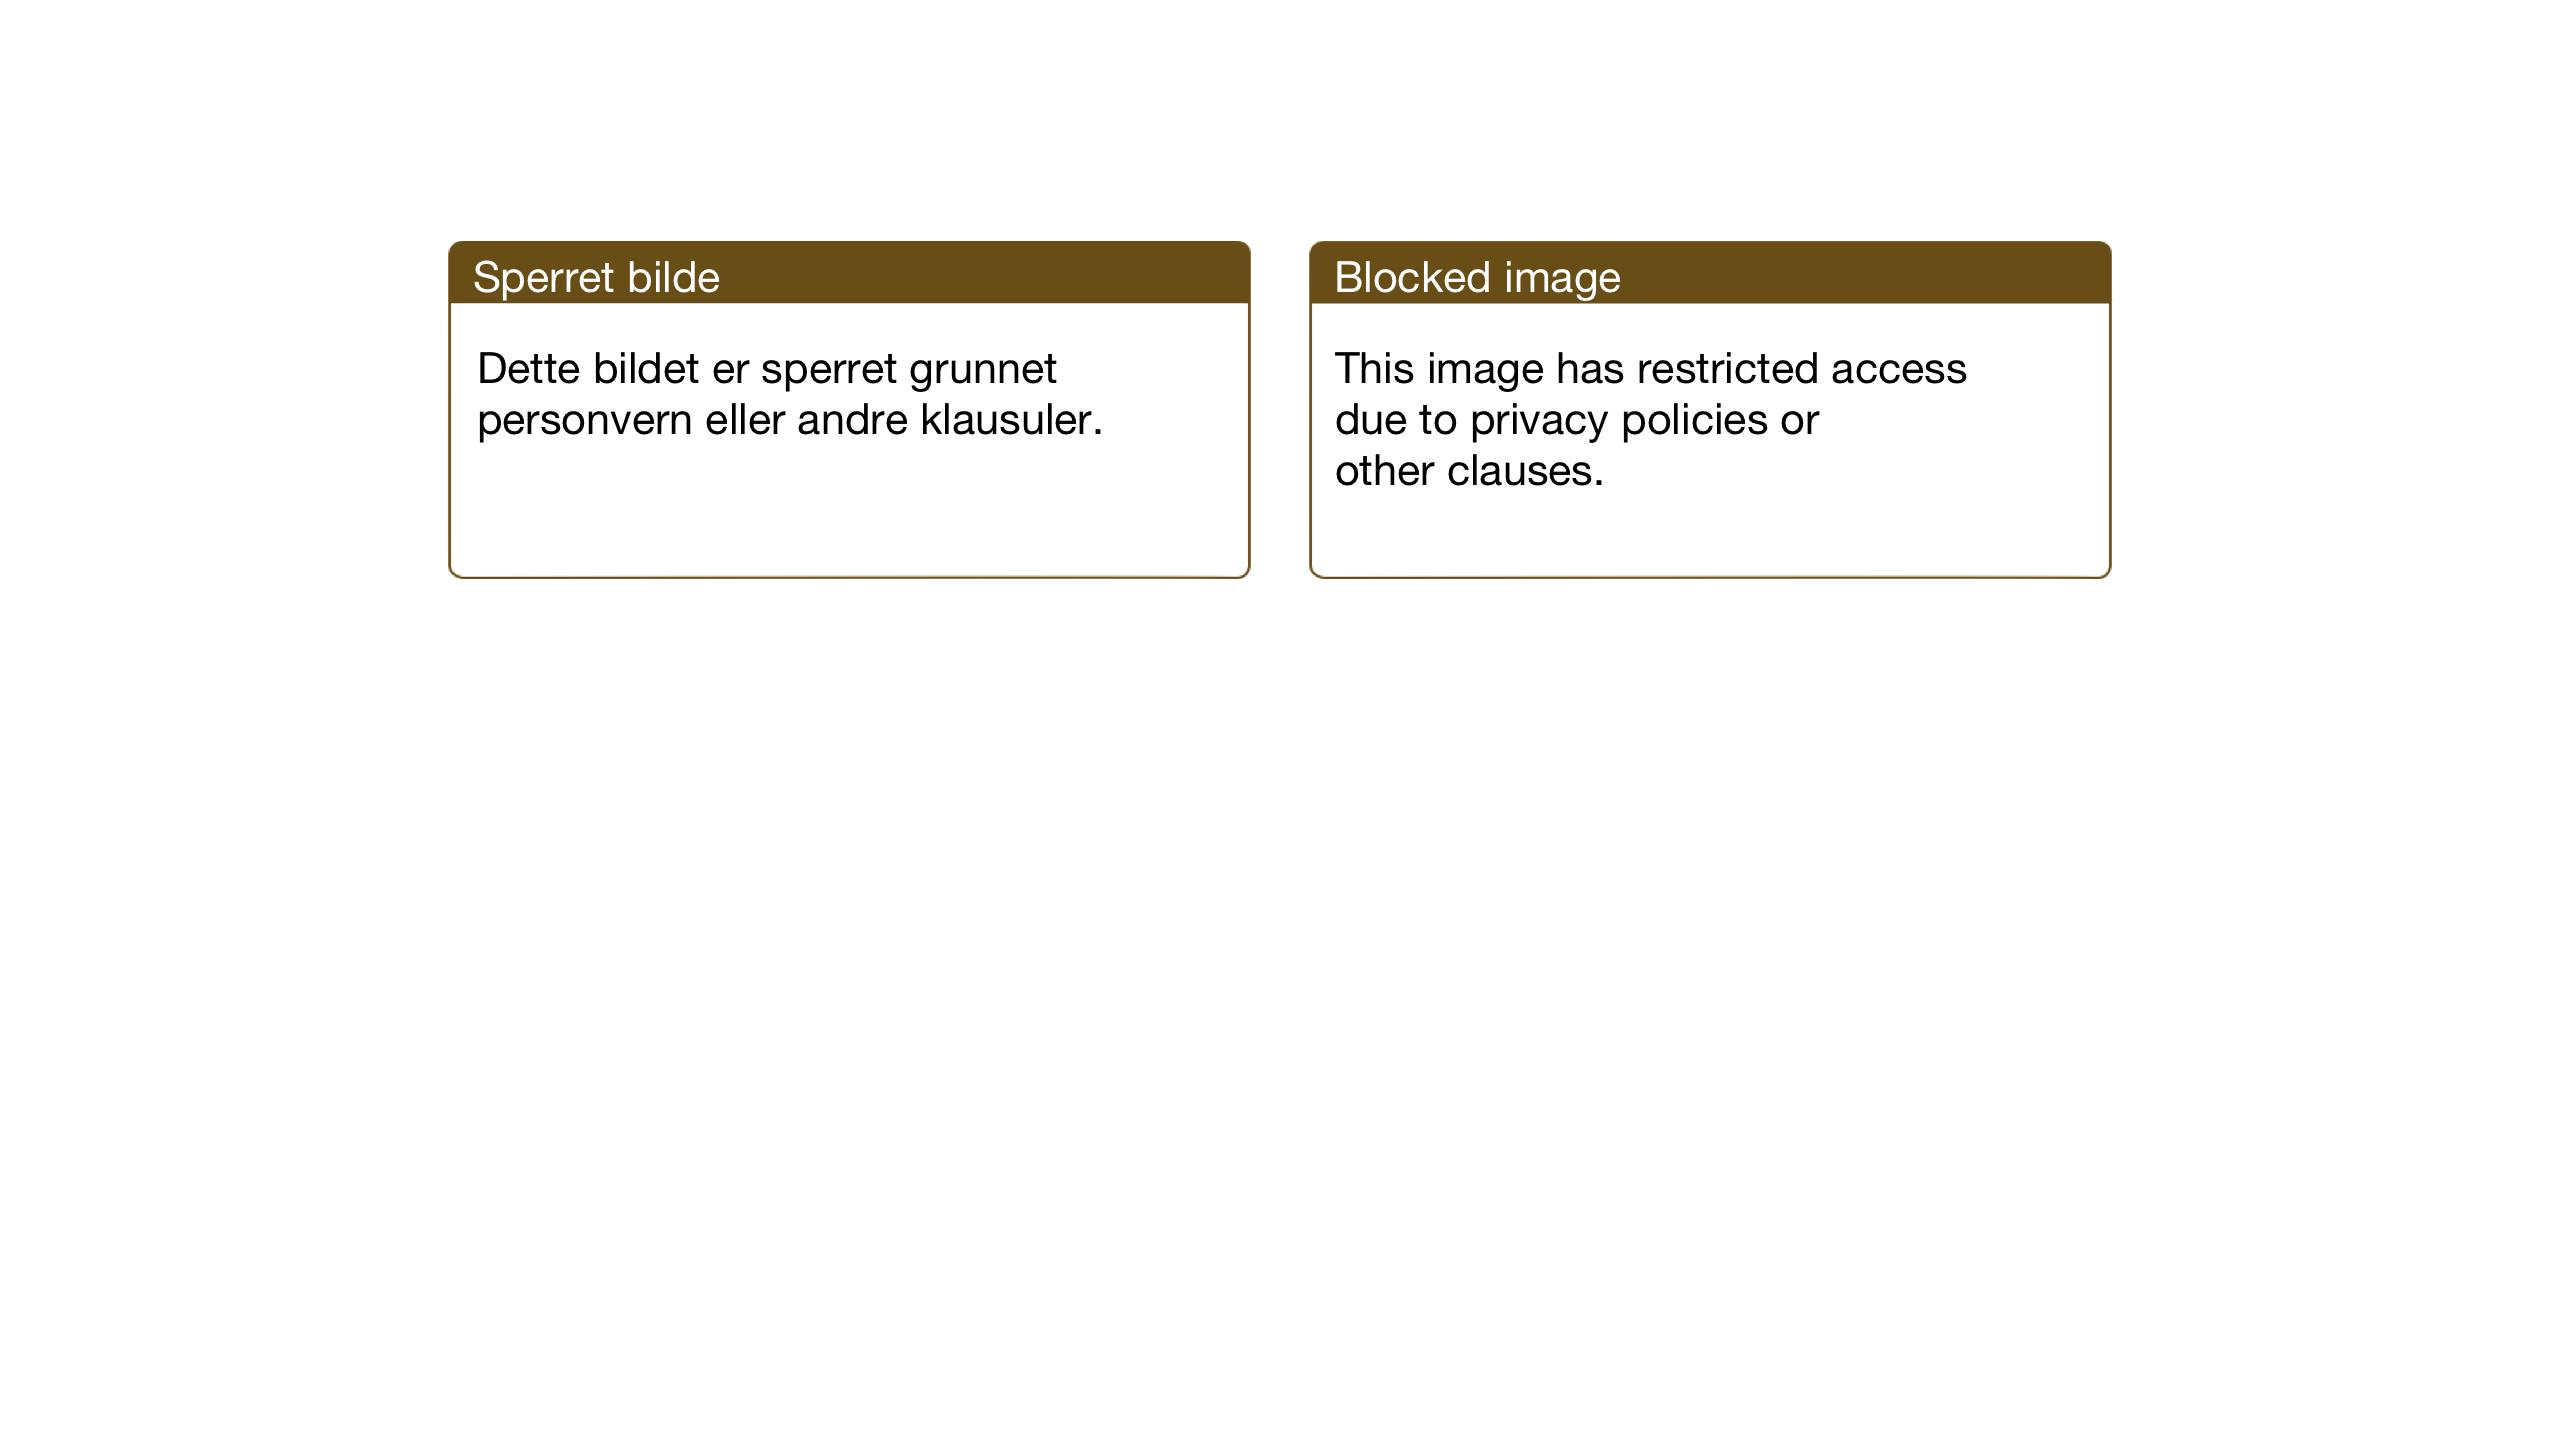 SAT, Ministerialprotokoller, klokkerbøker og fødselsregistre - Nord-Trøndelag, 768/L0583: Klokkerbok nr. 768C01, 1928-1953, s. 145